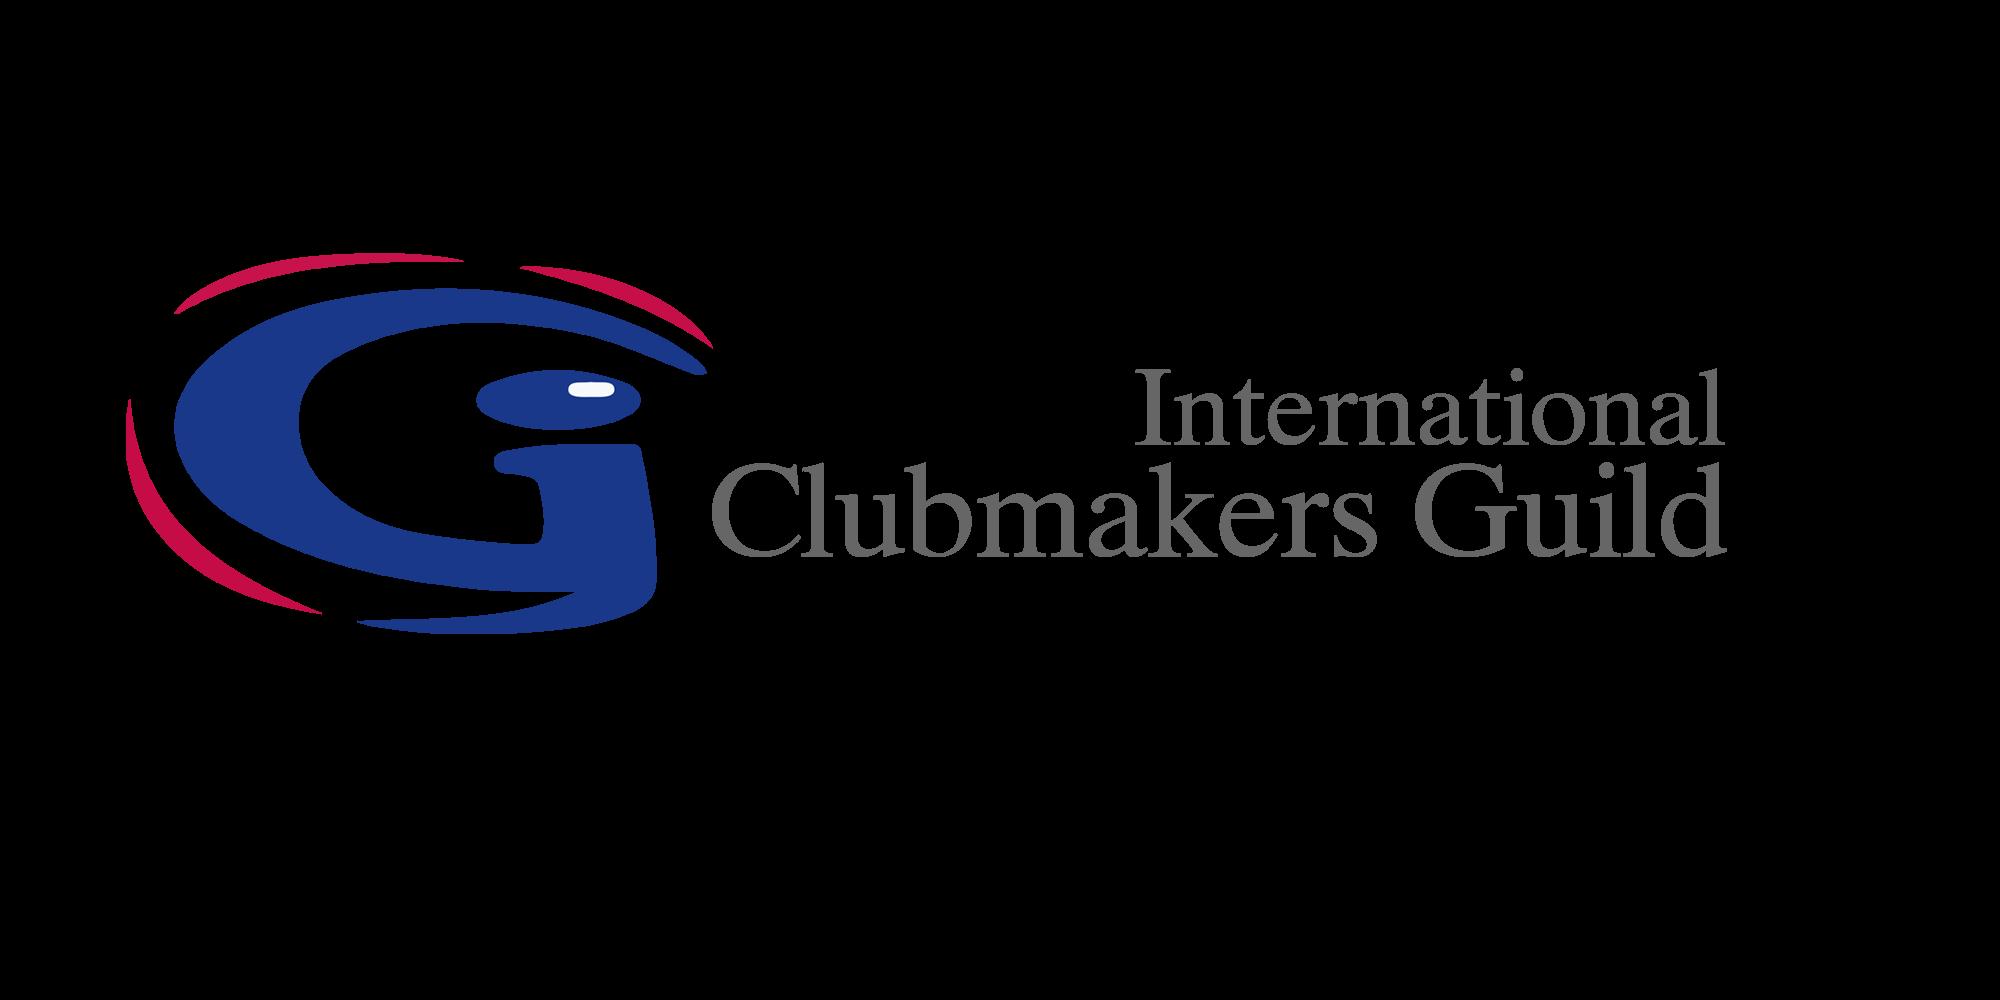 ICG_Logo-2000